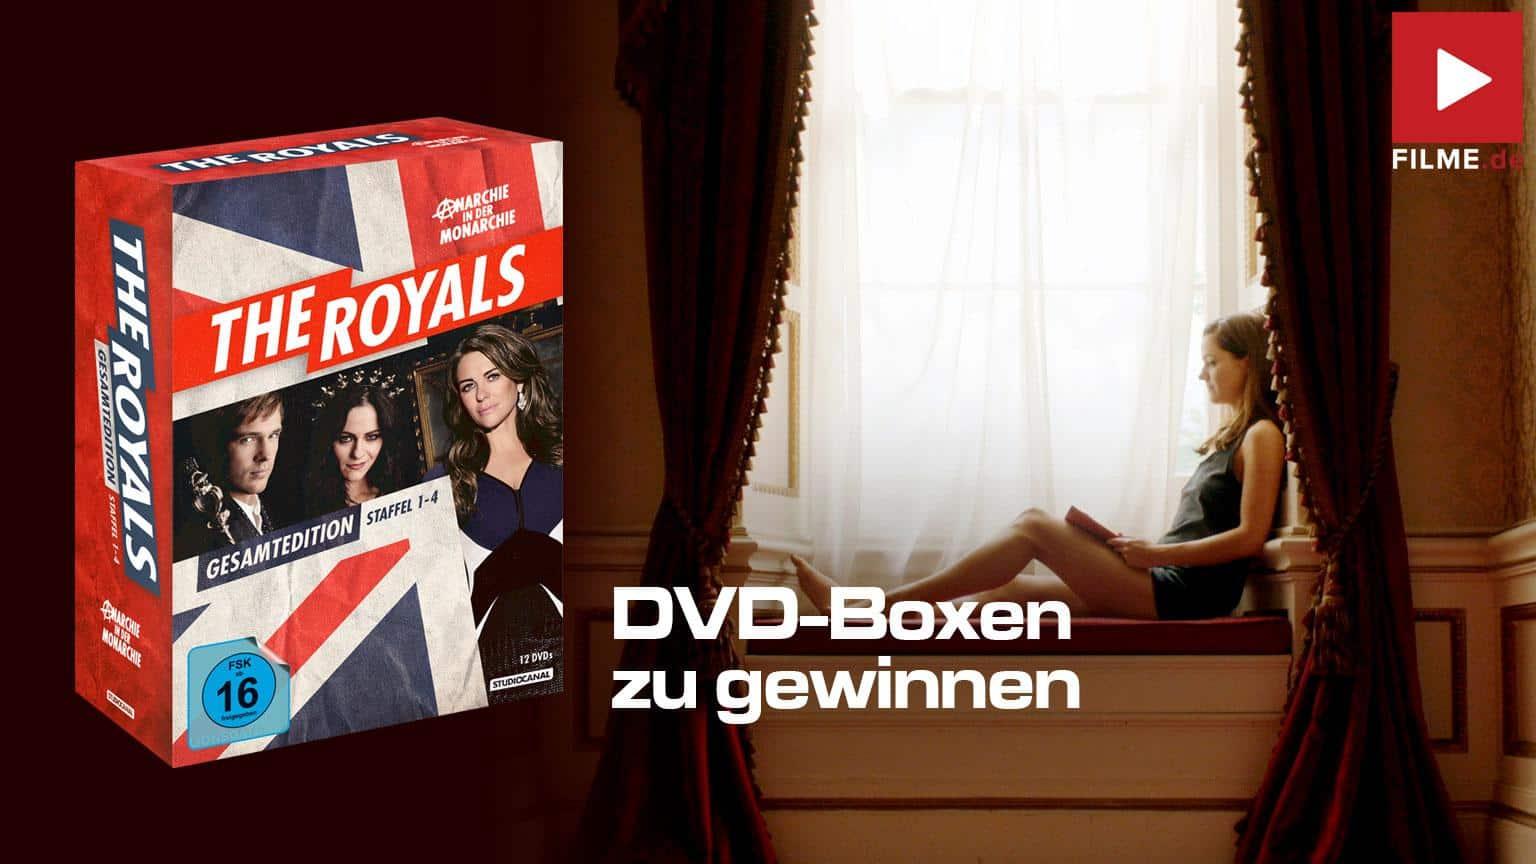 The Royals Gesamtedition DVD BOx shop kaufen gewinnspiel gewinnen Artikelbild